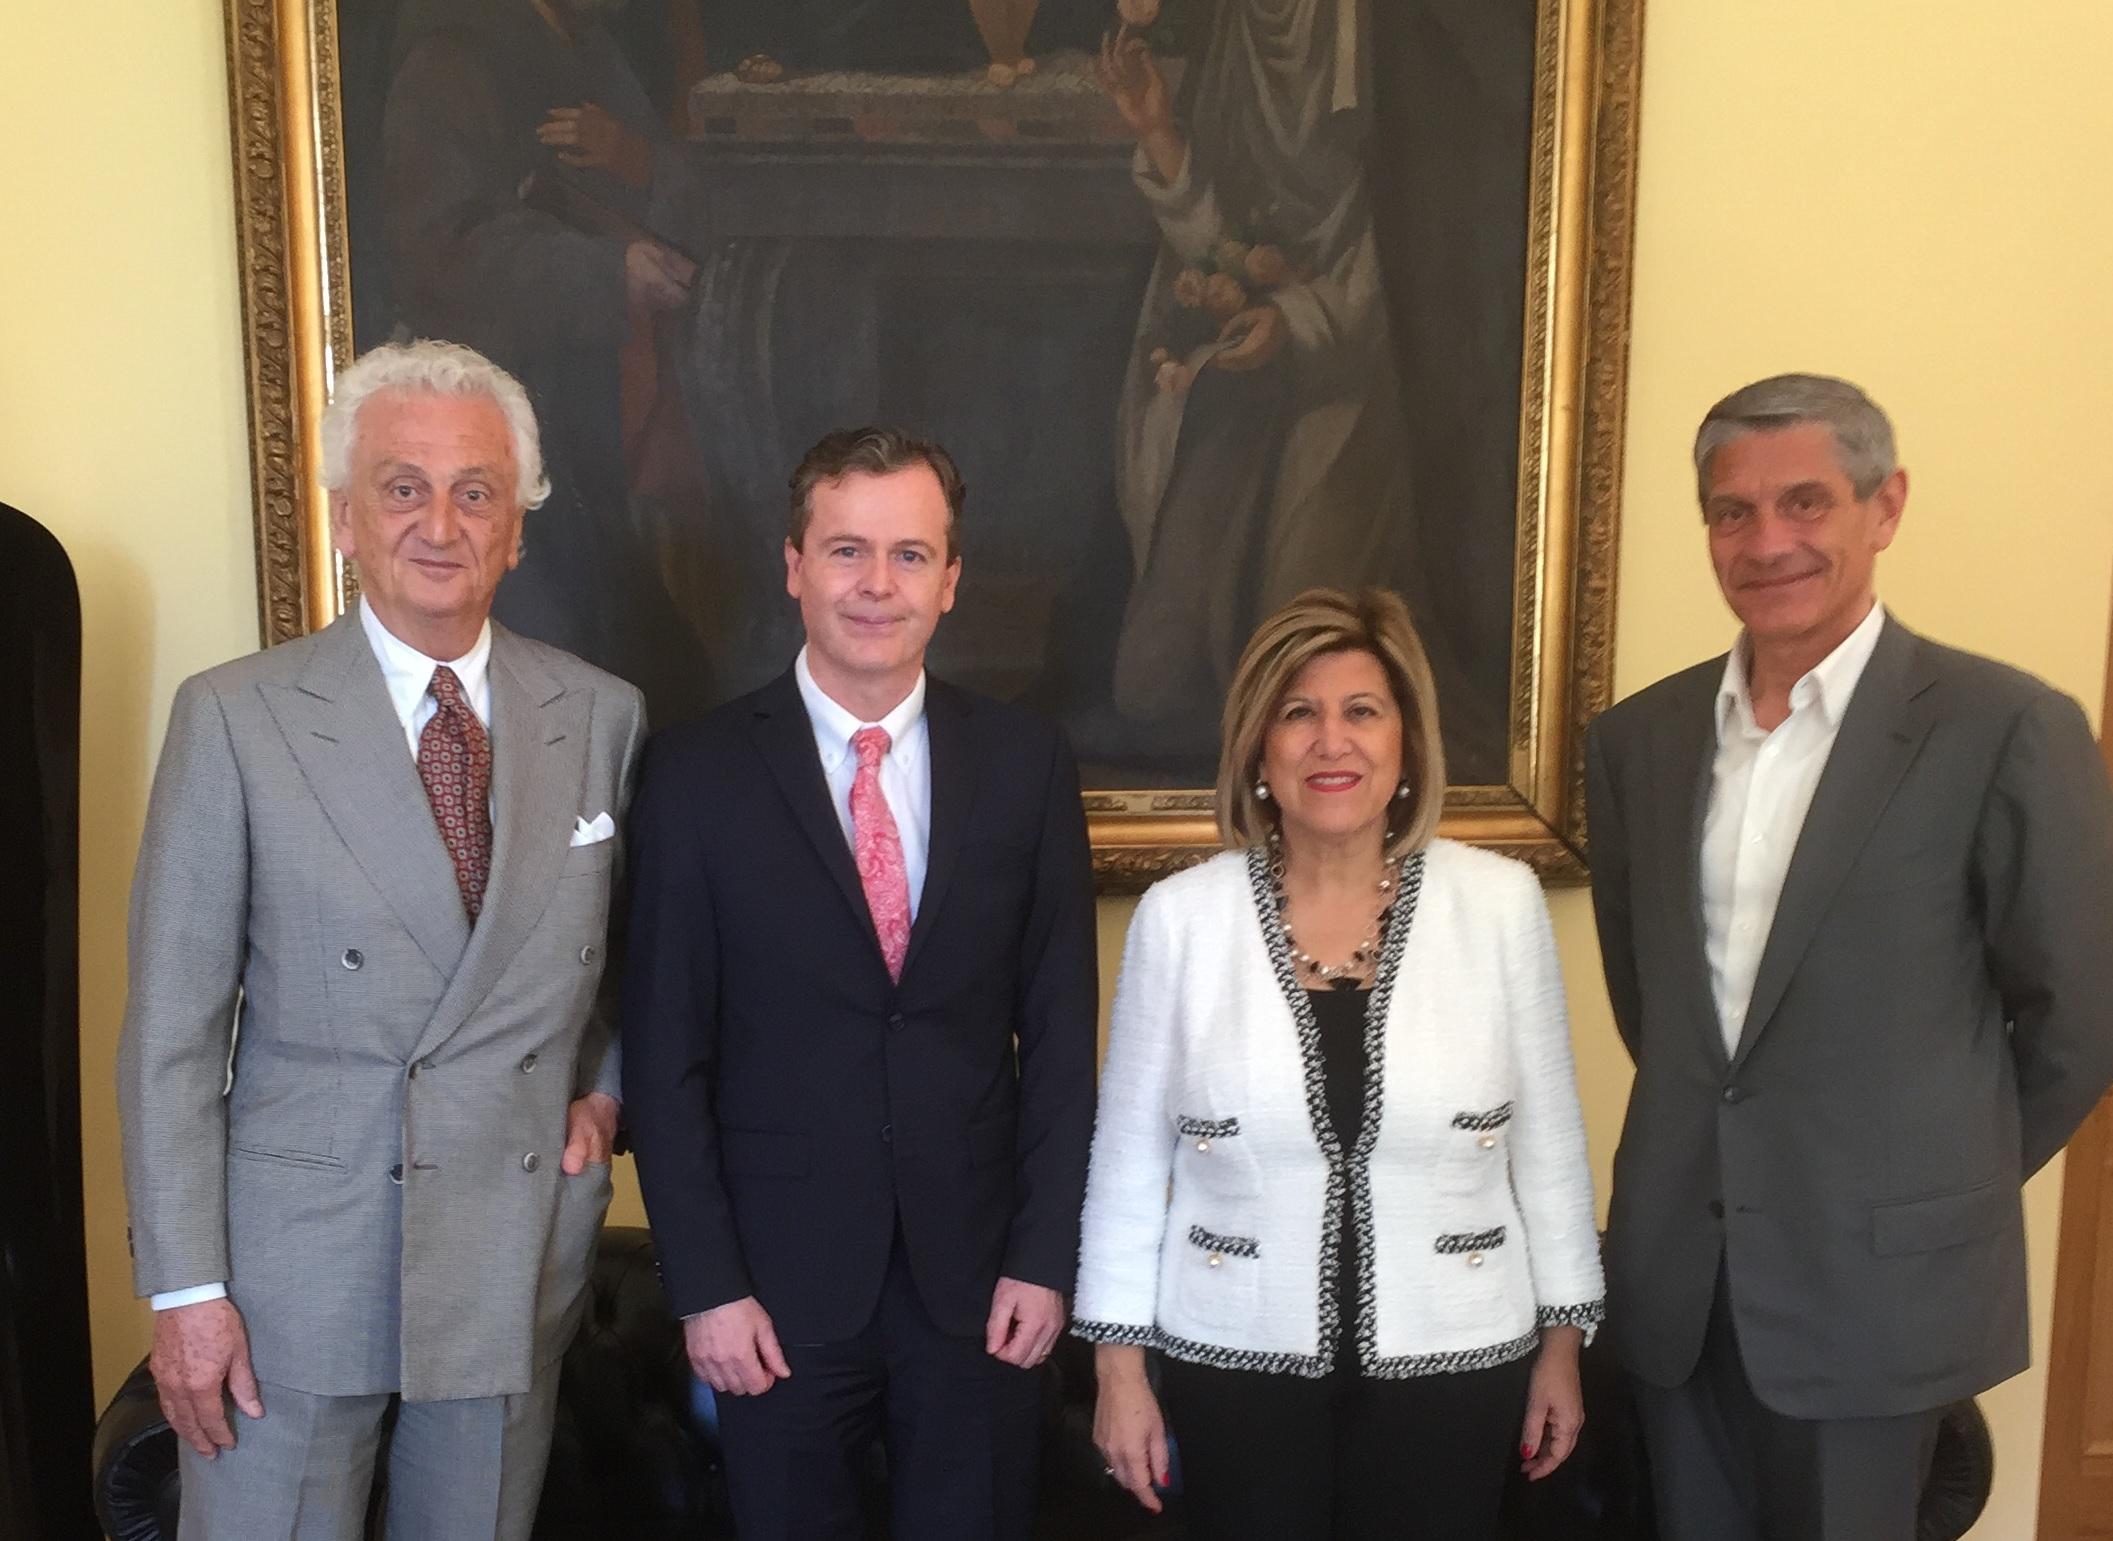 Incontro con il Prefetto e l'Ambasciatore di Australia